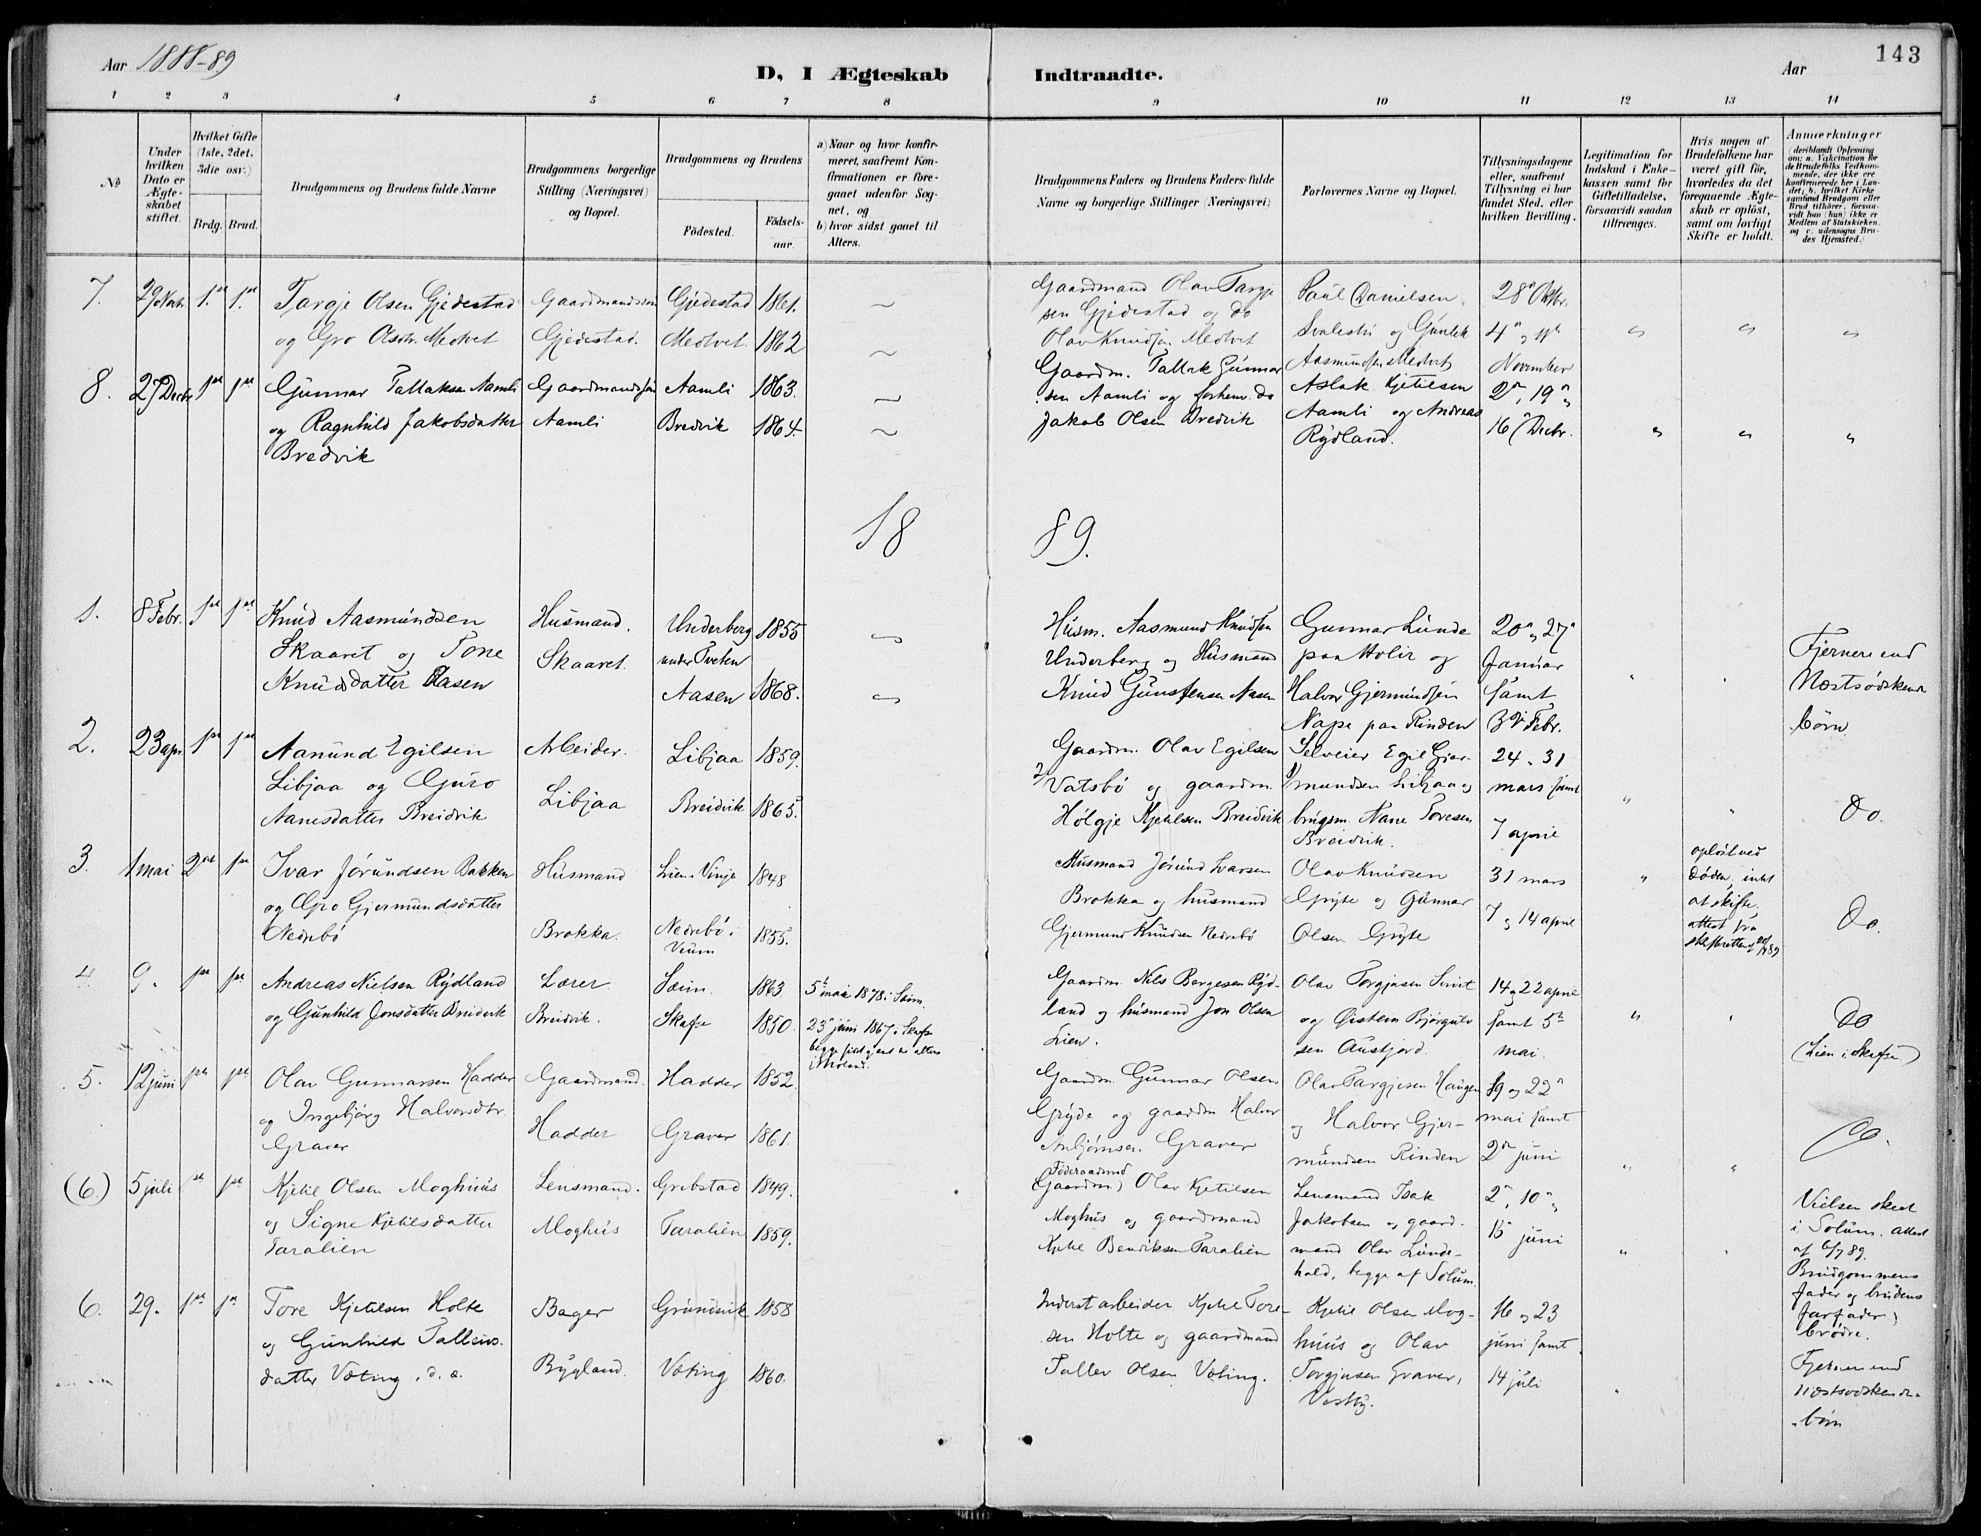 SAKO, Fyresdal kirkebøker, F/Fa/L0007: Ministerialbok nr. I 7, 1887-1914, s. 143